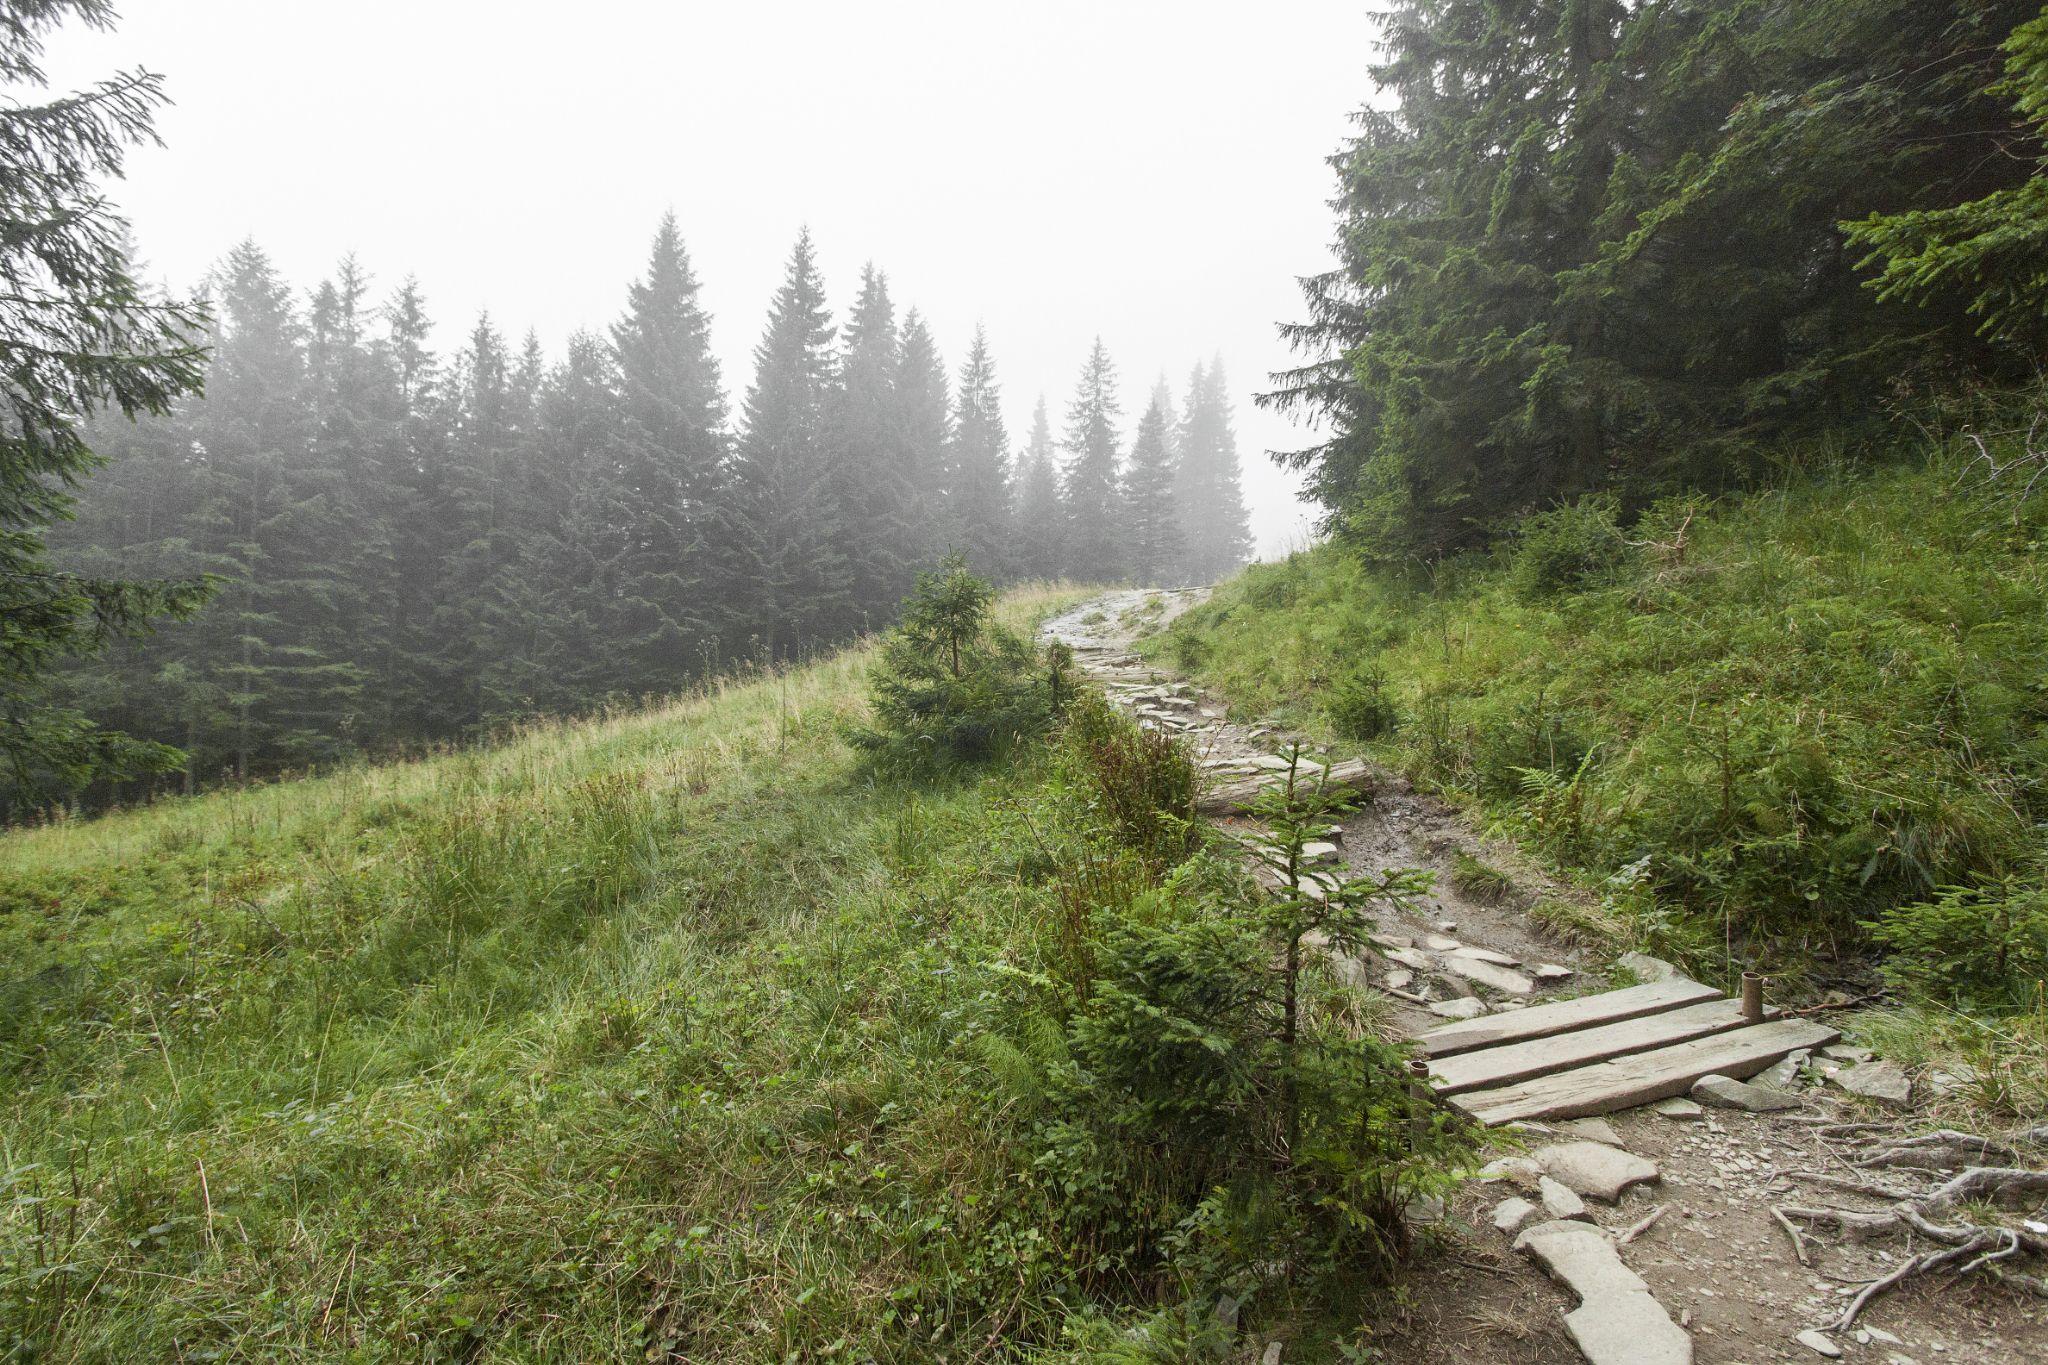 beskids mountains, poland by grzegorzbuchaczart